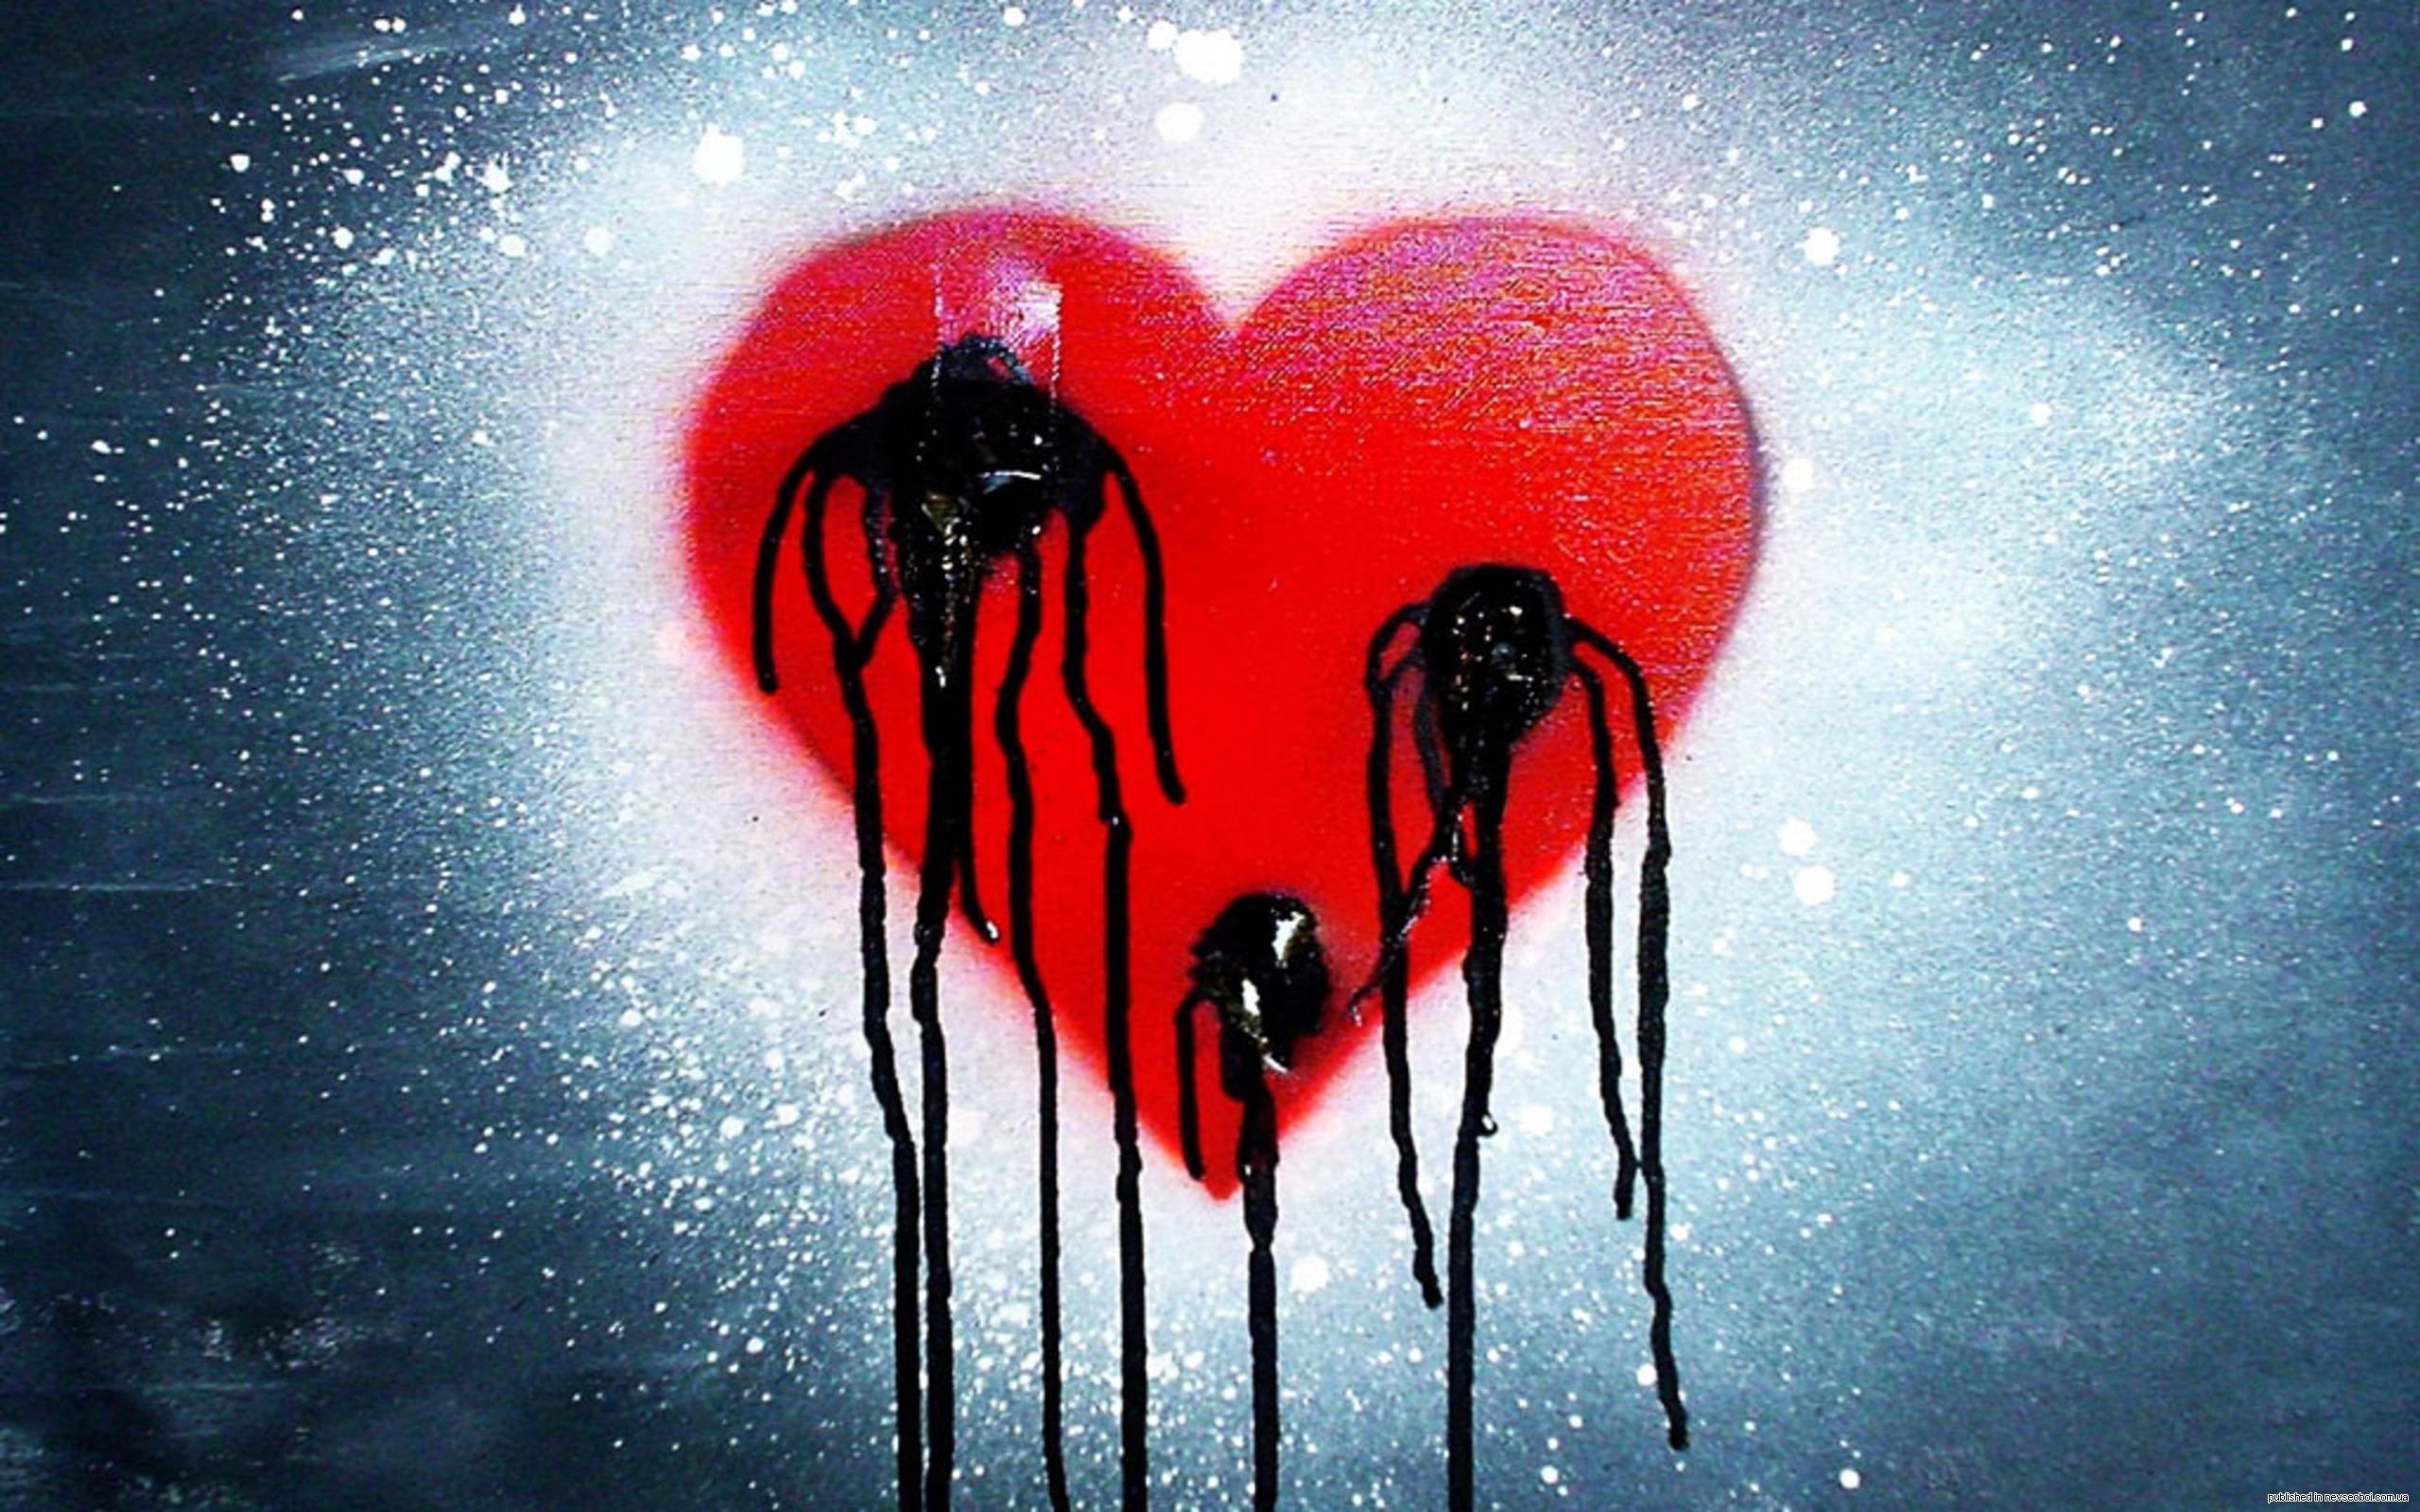 ждал грустные картинки разбитые сердца реализовать